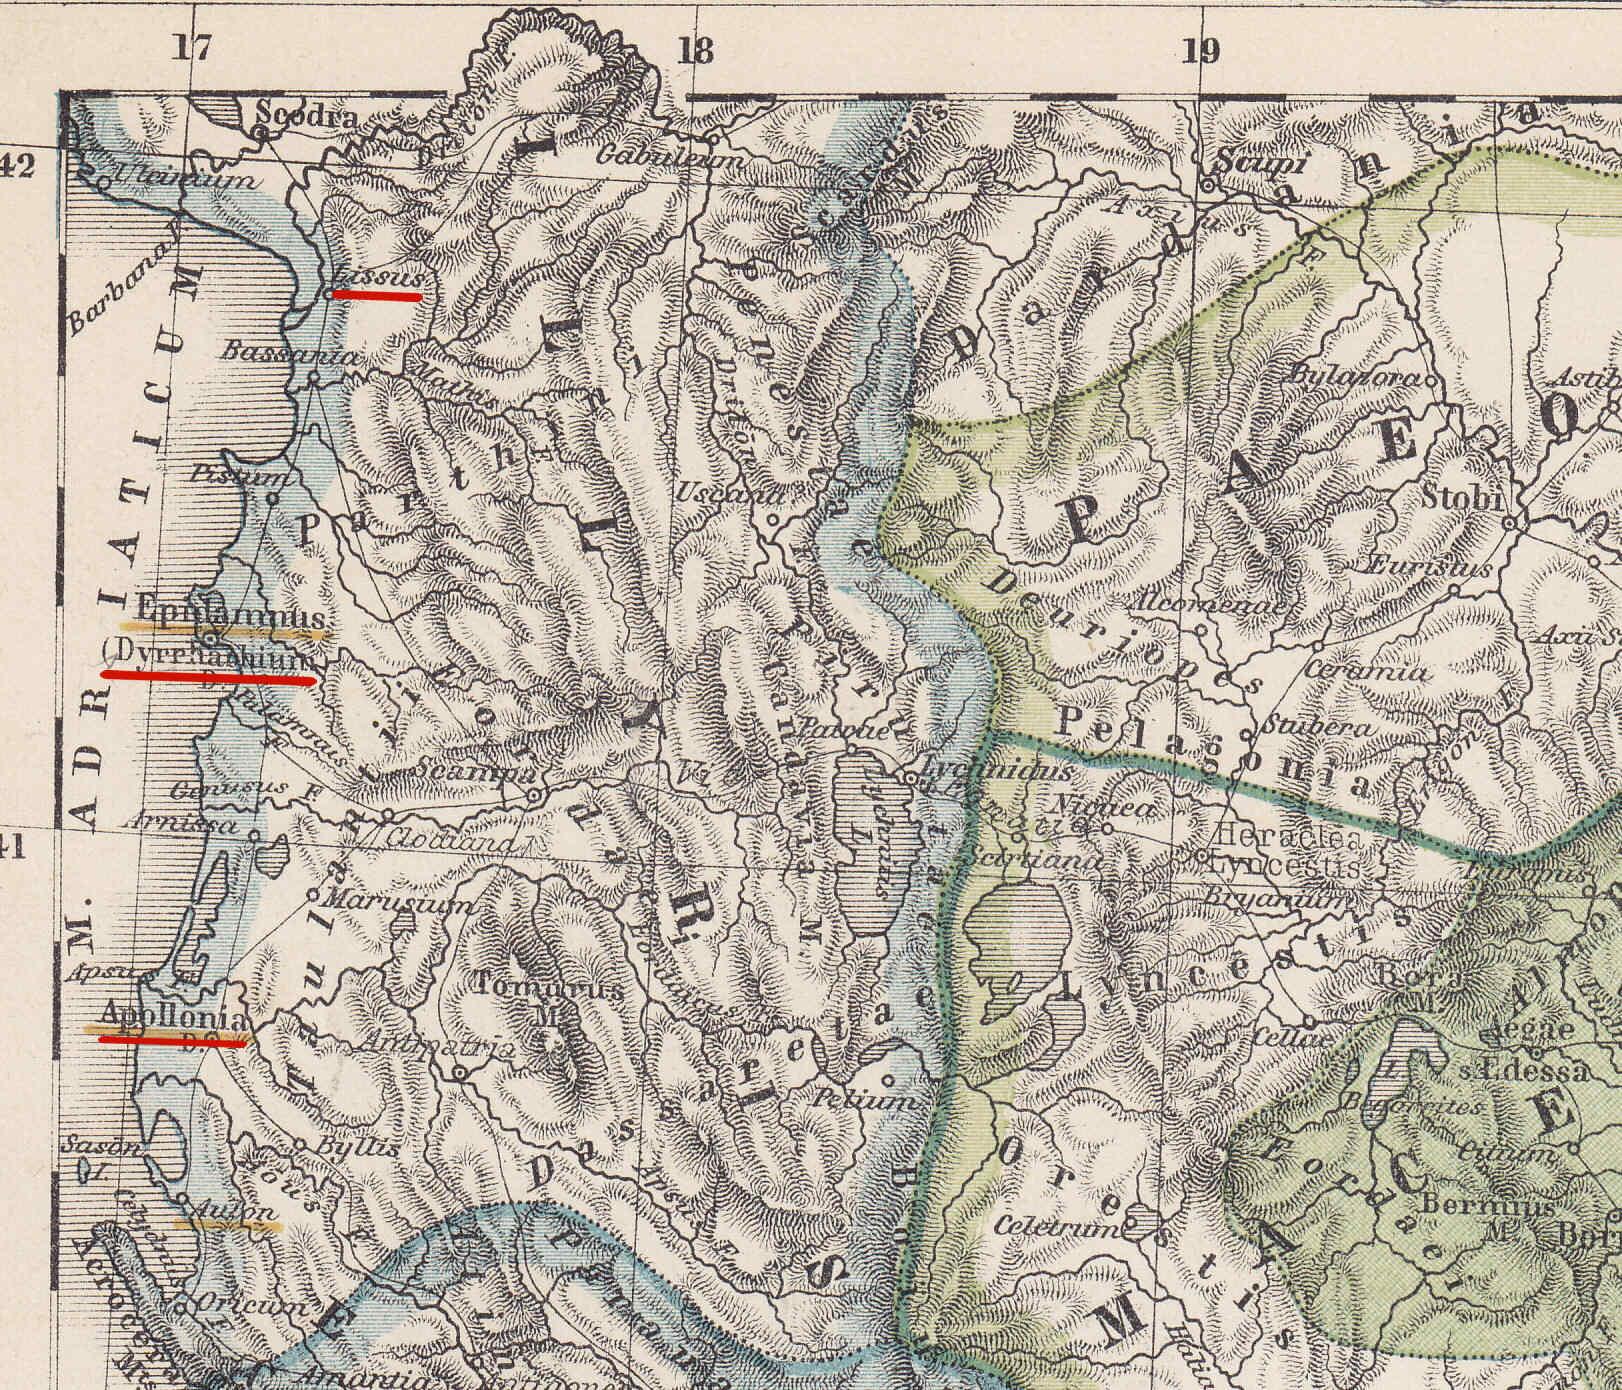 Egipto Antiguo 141 Julio César y Pompeyo Batalla de Dirrachium